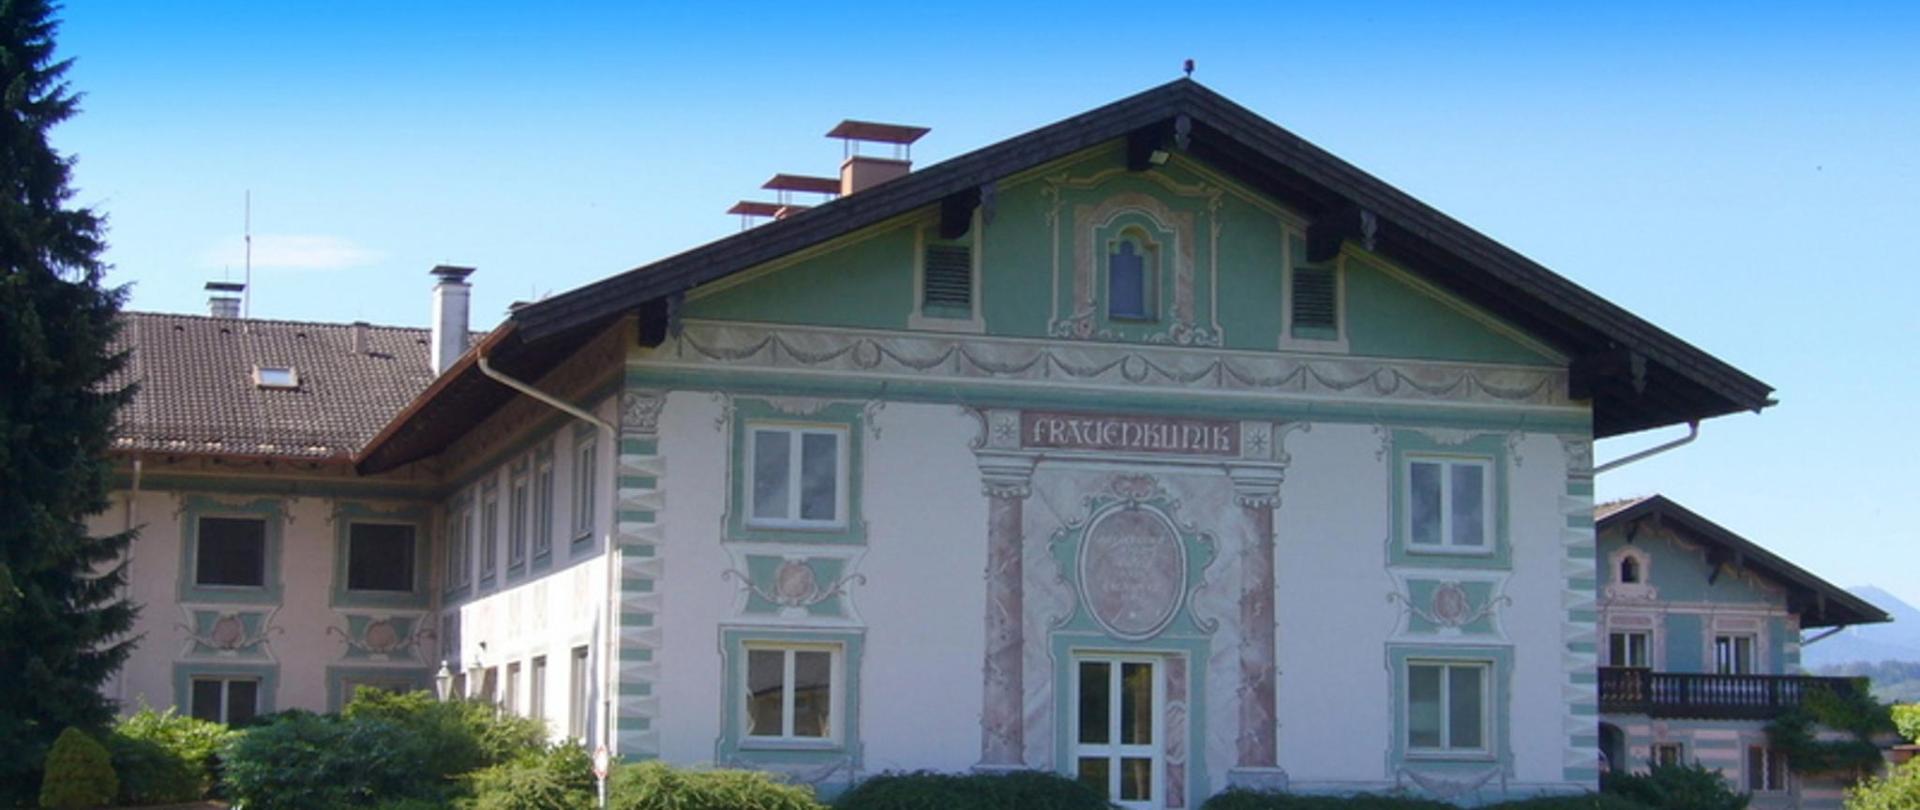 Cura Magna - Sommer - Haus - Aussen - Image 02 P1160211 _2048x1536.JPG